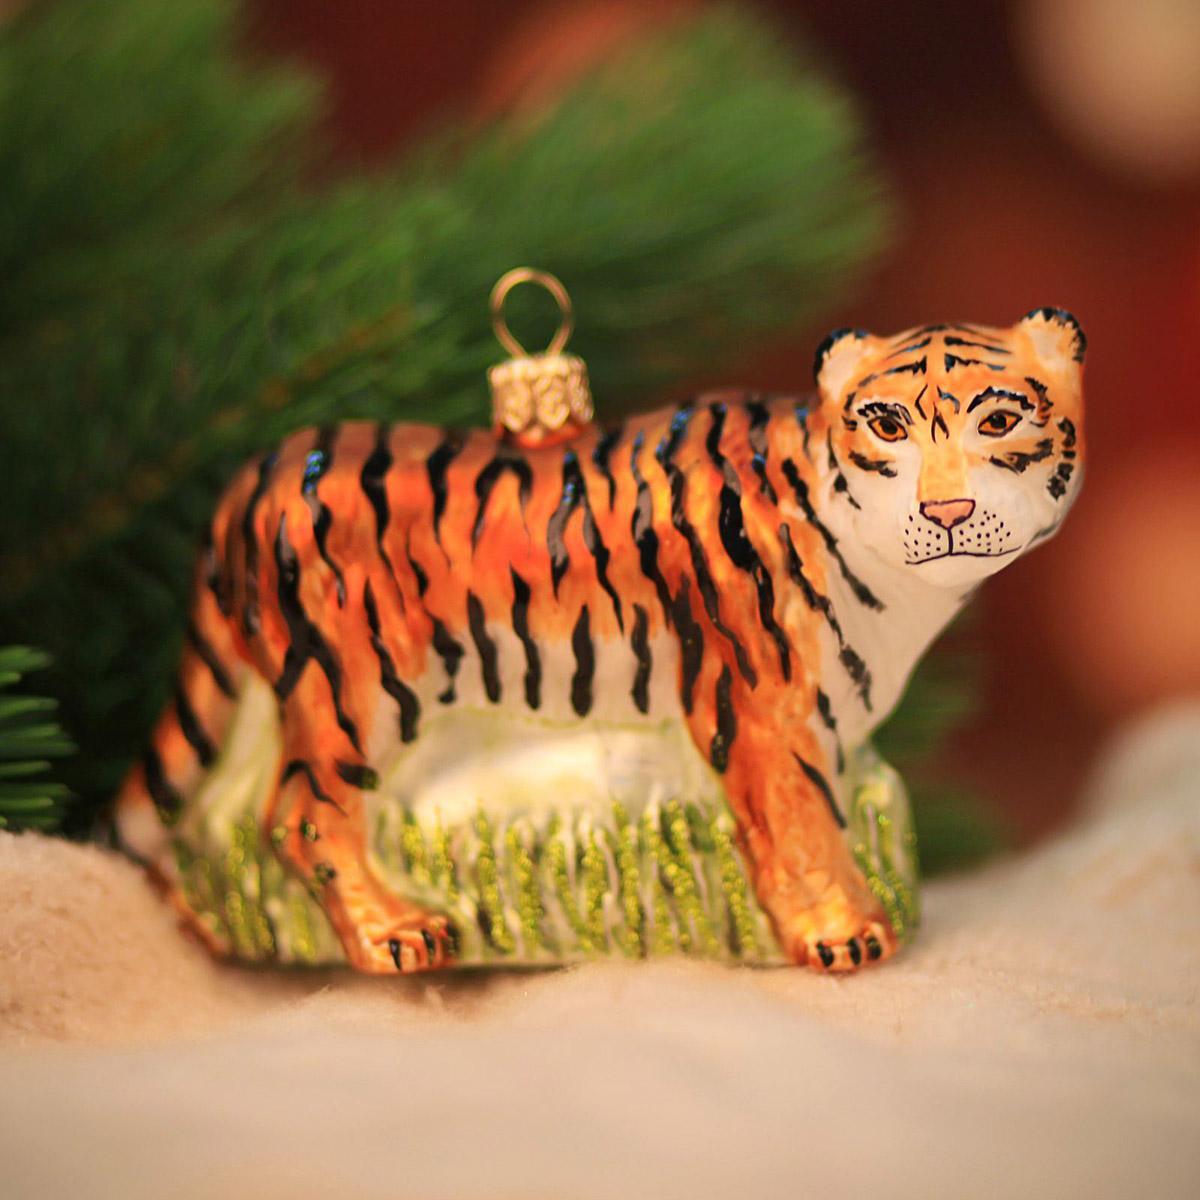 Новогоднее подвесное украшение Hanco Design Тигр, высота 11 см106385Новогоднее украшение Hanco Design отлично подойдет для декорации вашего дома и новогодней ели. Елочная игрушка - символ Нового года. Она несет в себе волшебство и красоту праздника. Такое украшение создаст в вашем доме атмосферу праздника, веселья и радости.